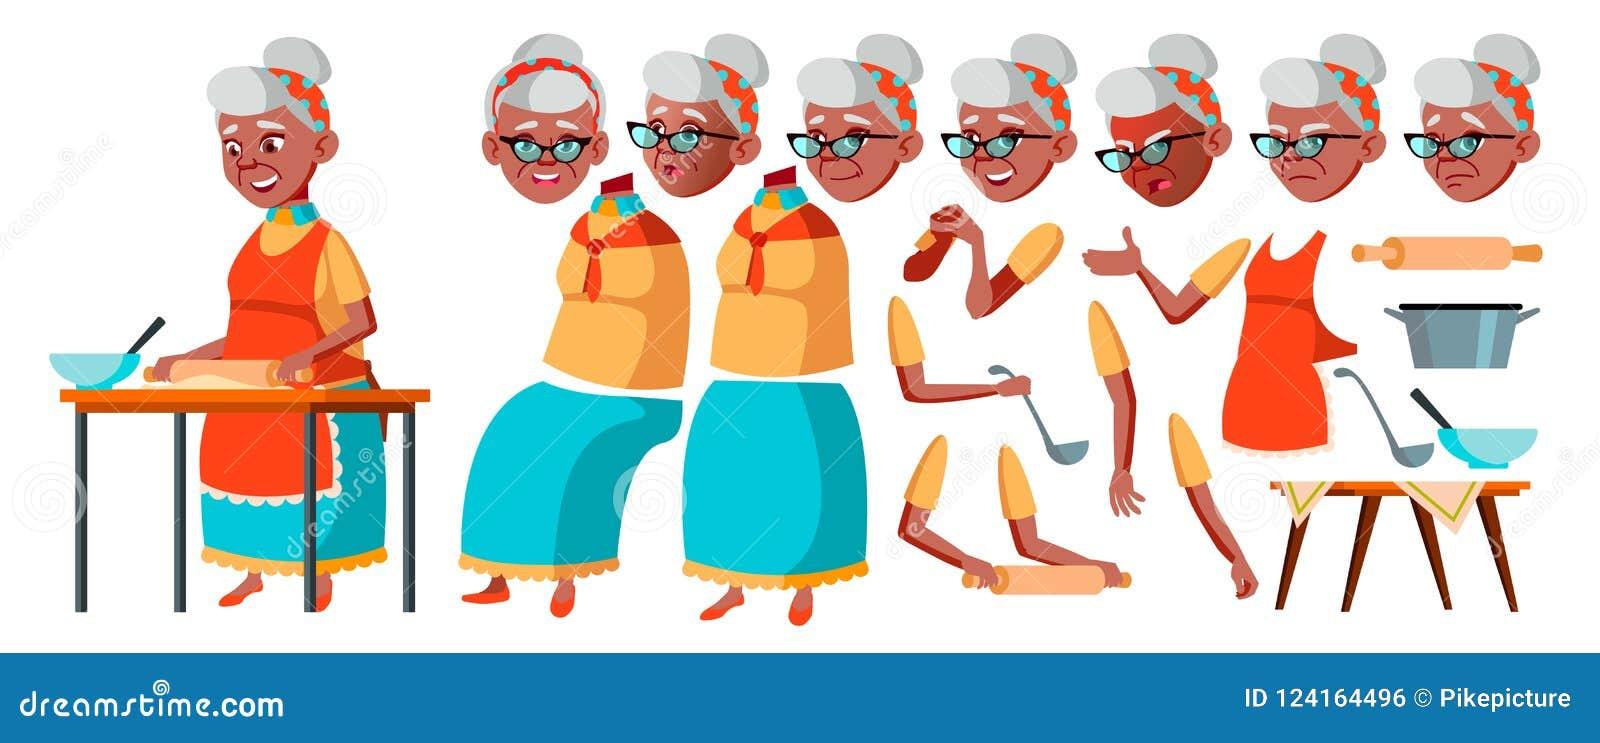 老妇人传染媒介 资深人画象 老年人 年龄 投反对票 美国黑人 动画创作集合 表面